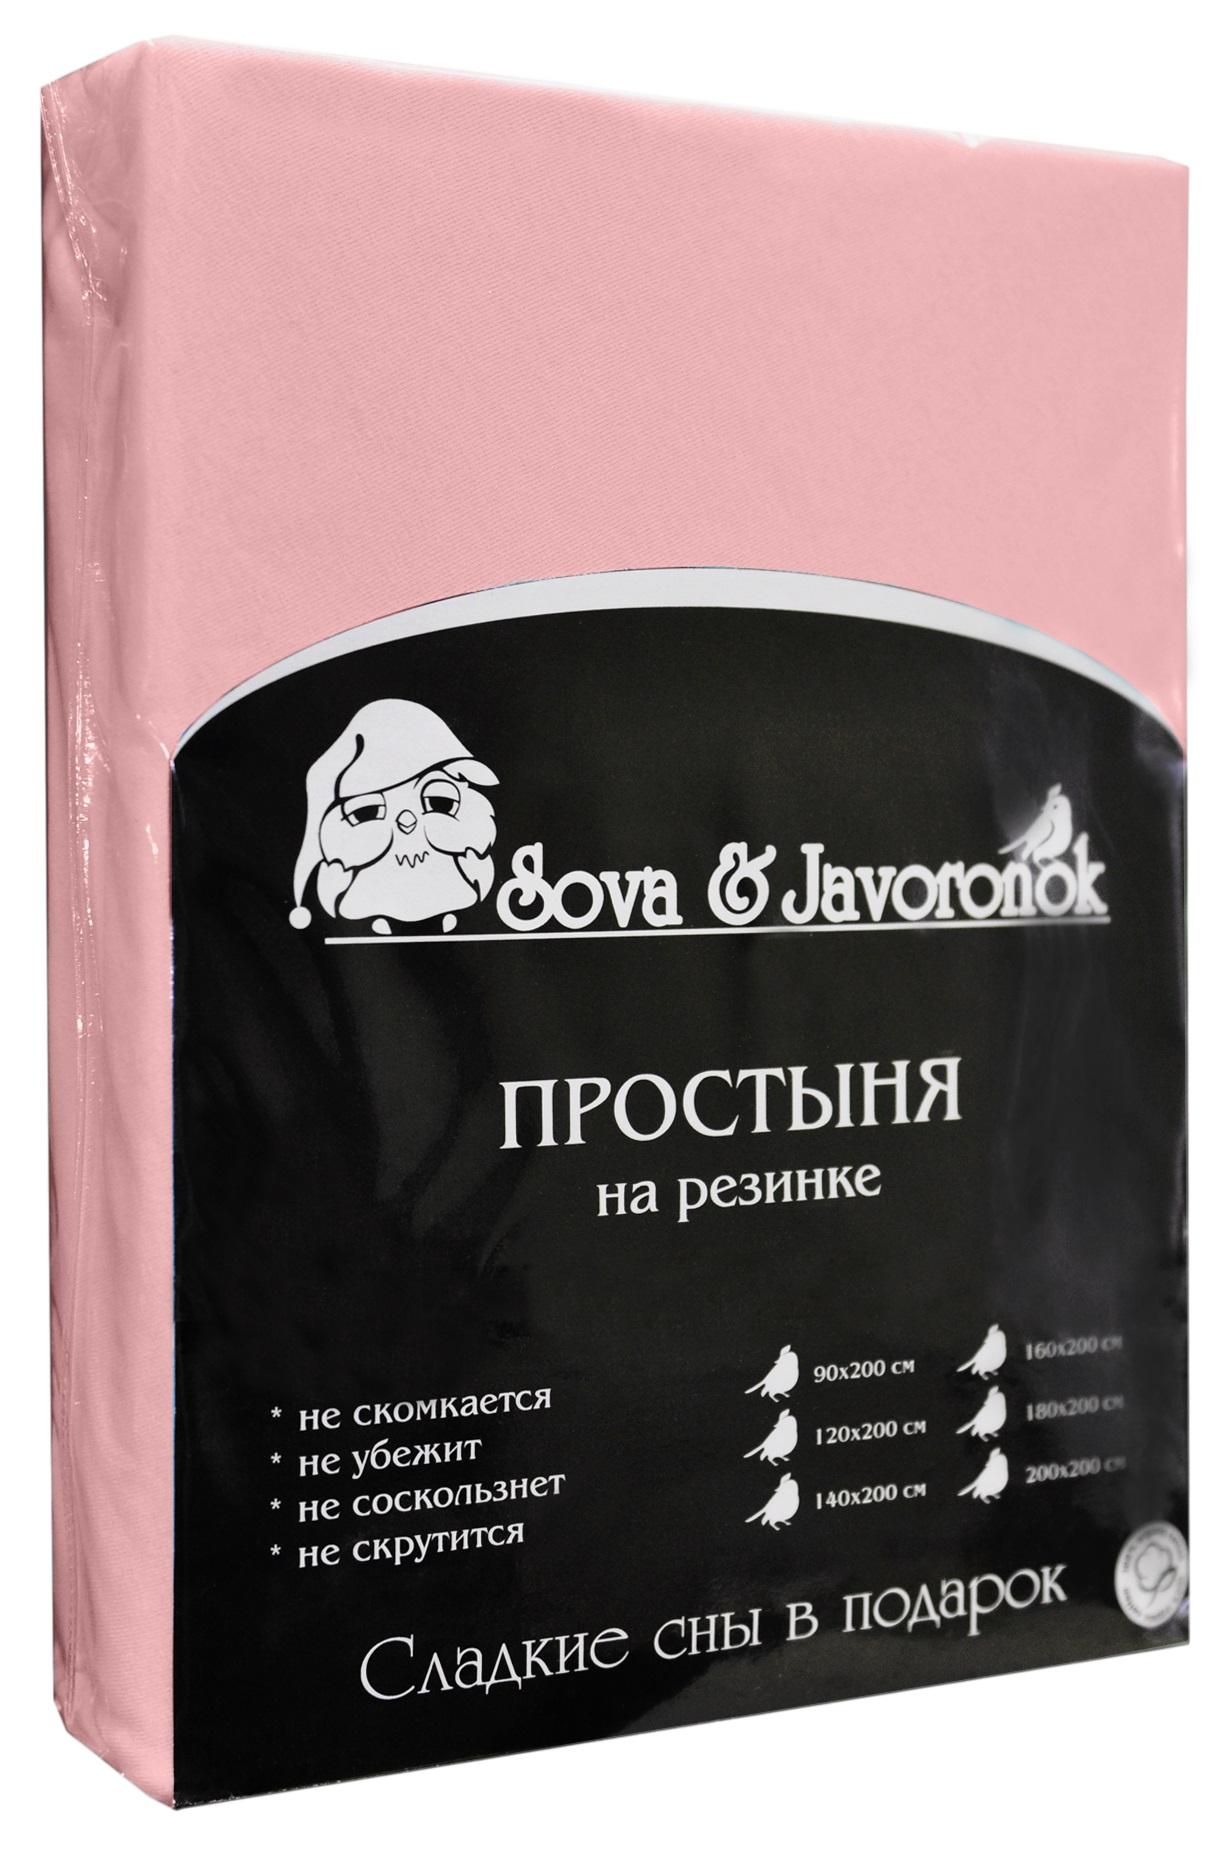 Простыня на резинке Sova & Javoronok, цвет: светло-розовый, 120 х 200 см531-105Простыня на резинке Sova & Javoronok, изготовленная из трикотажной ткани (100% хлопок), будет превосходно смотреться с любыми комплектами белья. Хлопчатобумажный трикотаж по праву считается одним из самых качественных, прочных и при этом приятных на ощупь. Его гигиеничность позволяет использовать простыню и в детских комнатах, к тому же 100%-ый хлопок в составе ткани не вызовет аллергии. У трикотажного полотна очень интересная структура, немного рыхлая за счет отсутствия плотного переплетения нитей и наличия особых петель, благодаря этому простыня Сова и Жаворонок отлично пропускает воздух и способствует его постоянной циркуляции. Поэтому ваша постель будет всегда оставаться свежей. Но главное и, пожалуй, самое известное свойство трикотажа - это его великолепная растяжимость, поэтому эта ткань и была выбрана для натяжной простыни на резинке.Простыня прошита резинкой по всему периметру, что обеспечивает более комфортный отдых, так как она прочно удерживается на матрасе и избавляет от необходимости часто поправлять простыню.